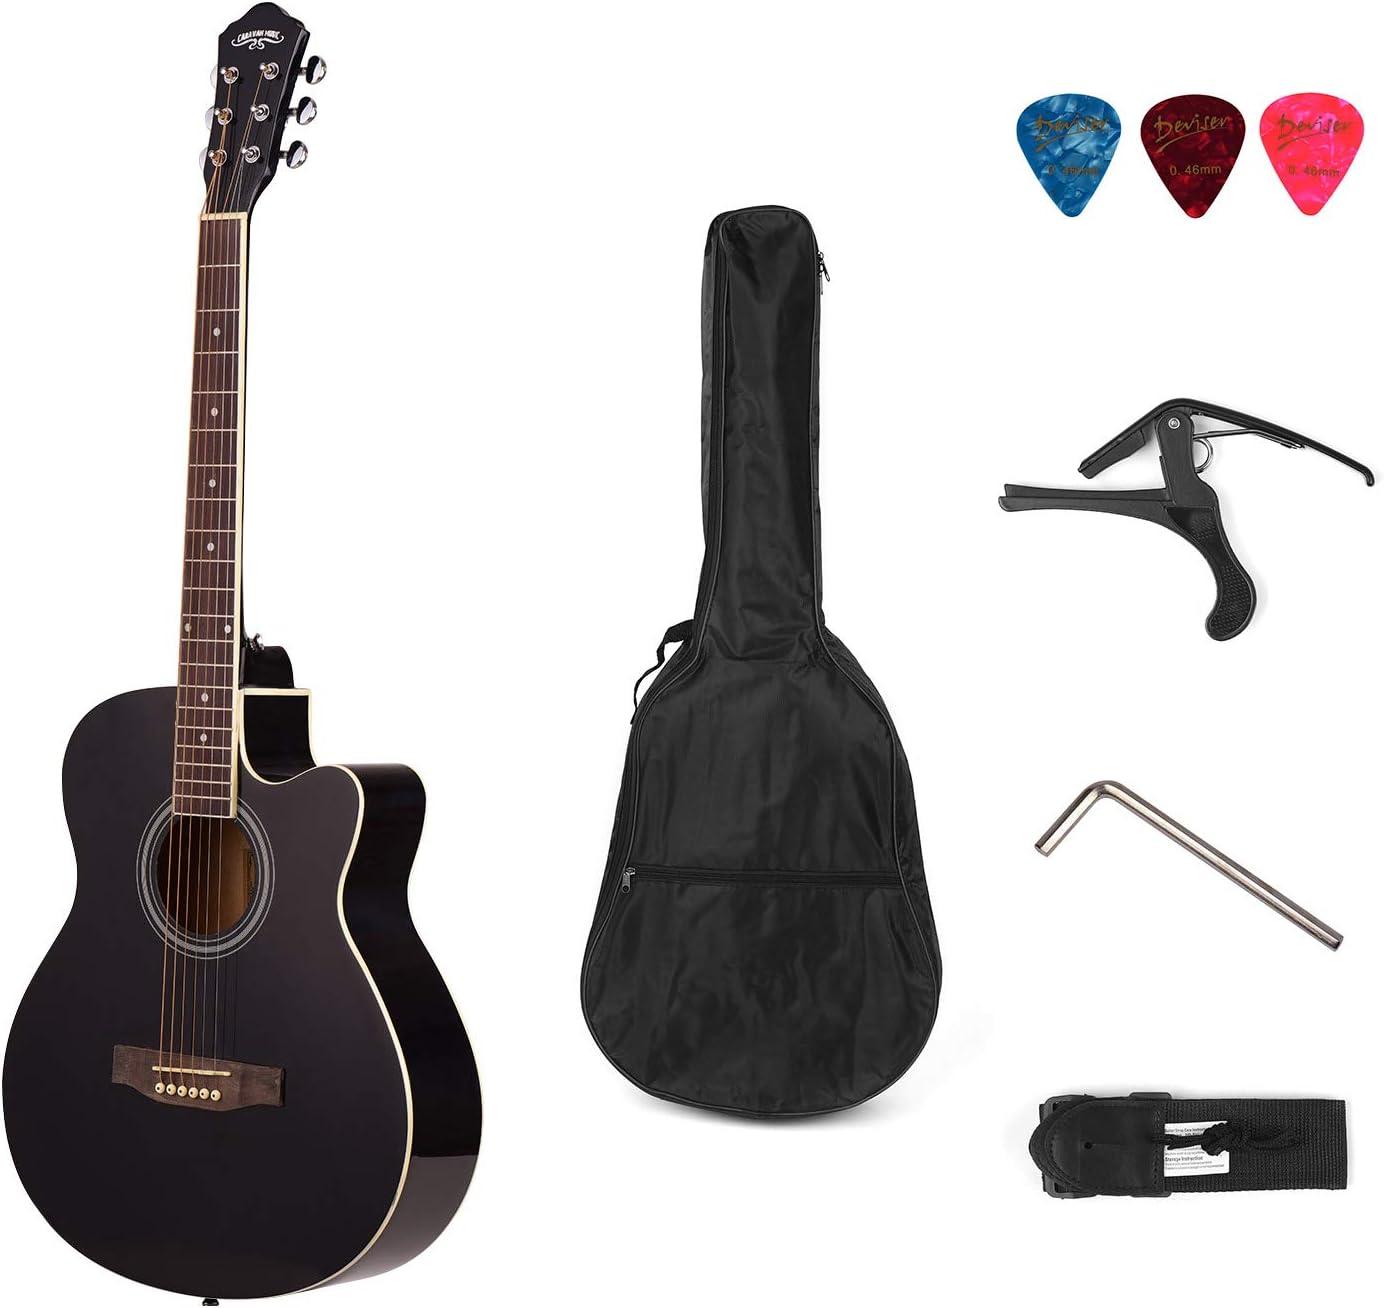 Muslady 40 pulgadas Cutaway Guitarra Folk Acústica 6 Cuerdas Basswood con Correa Gig Bag Capo Picks